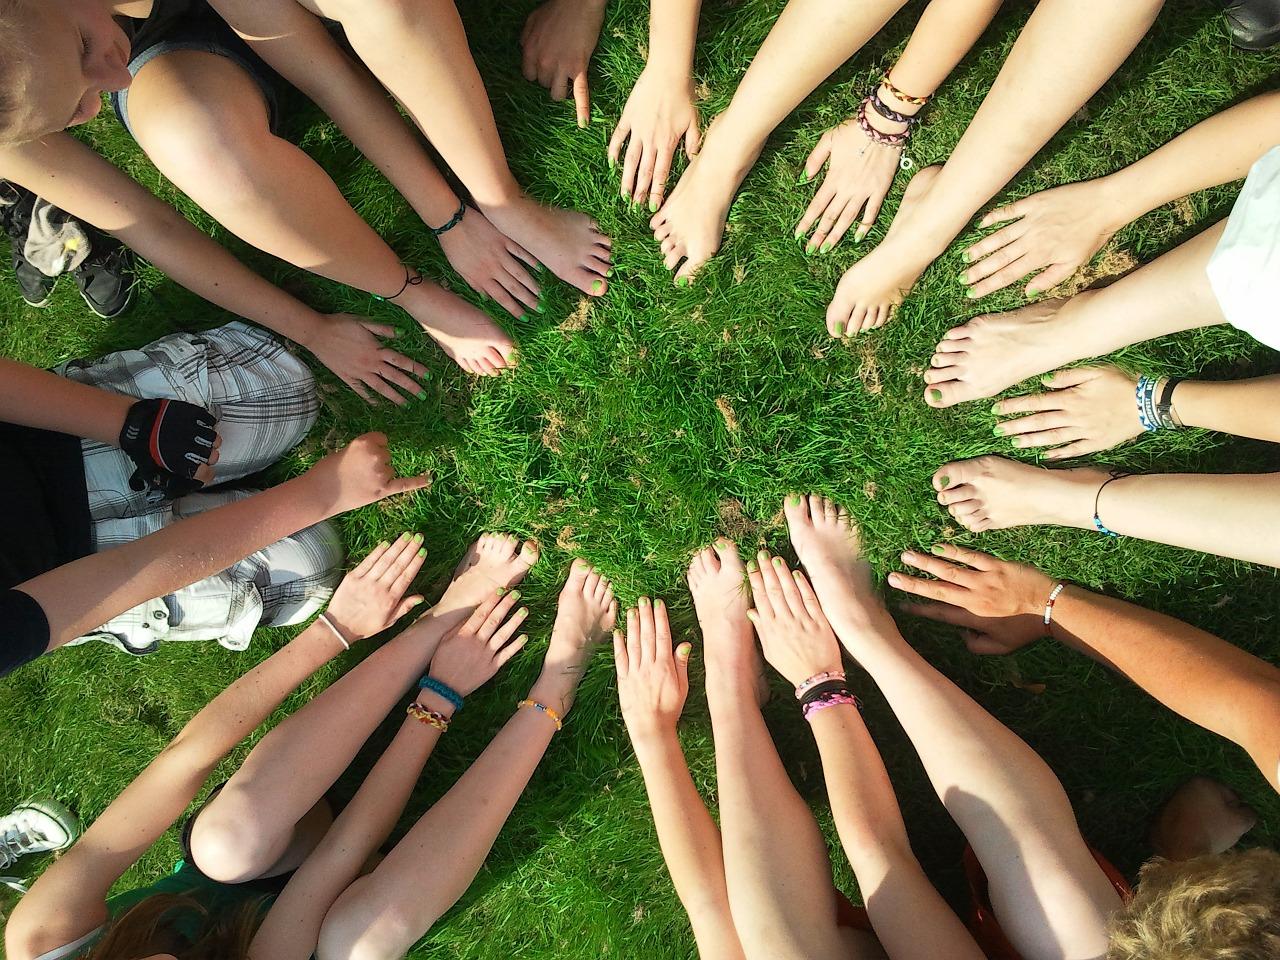 Warsztat dotyczący międzykulturowości: Wszyscy jesteśmy Od-Ważni